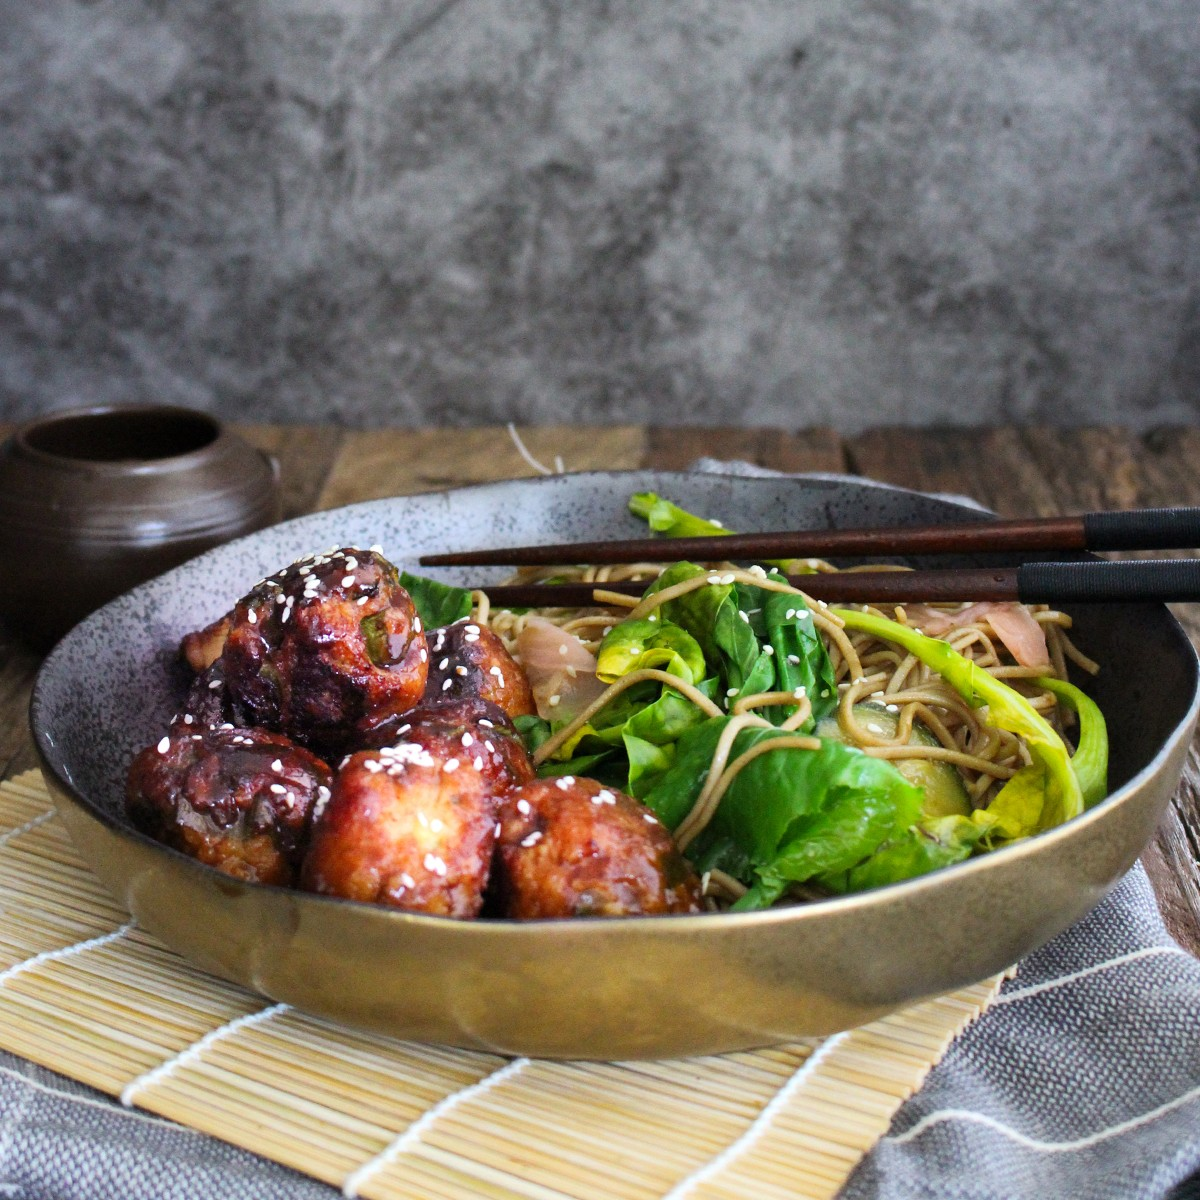 Japanese Meatballs with Soba Noodle Salad - Pork Mince